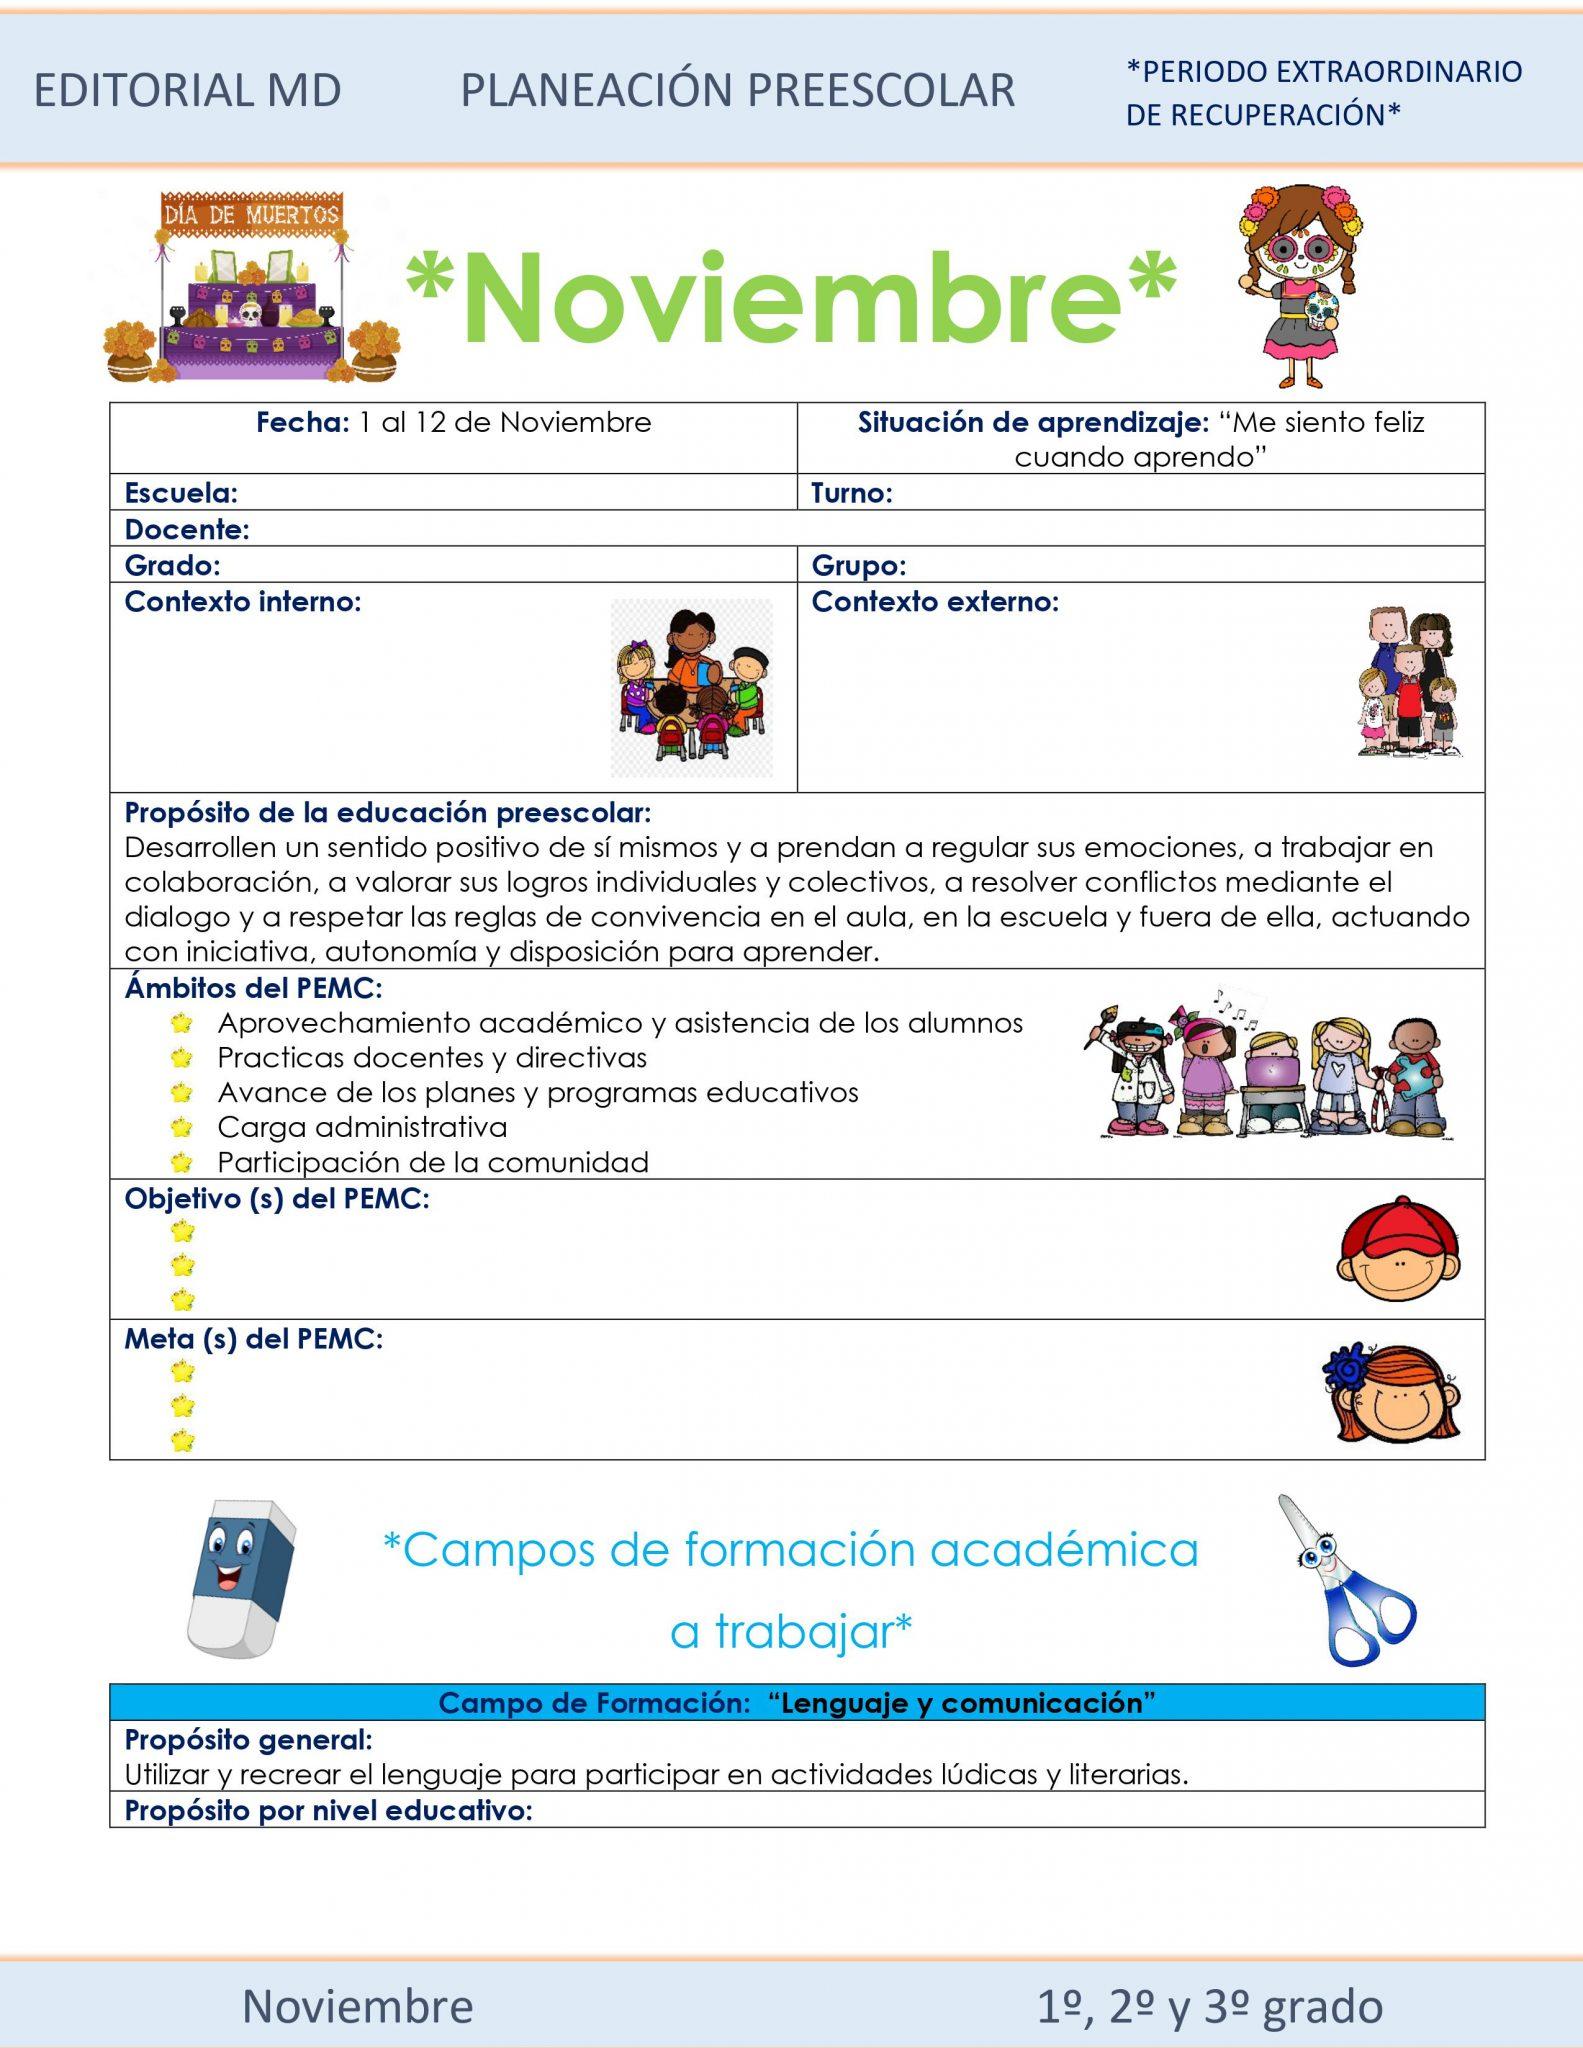 Planeación de preescolar híbrida (Noviembre) 01